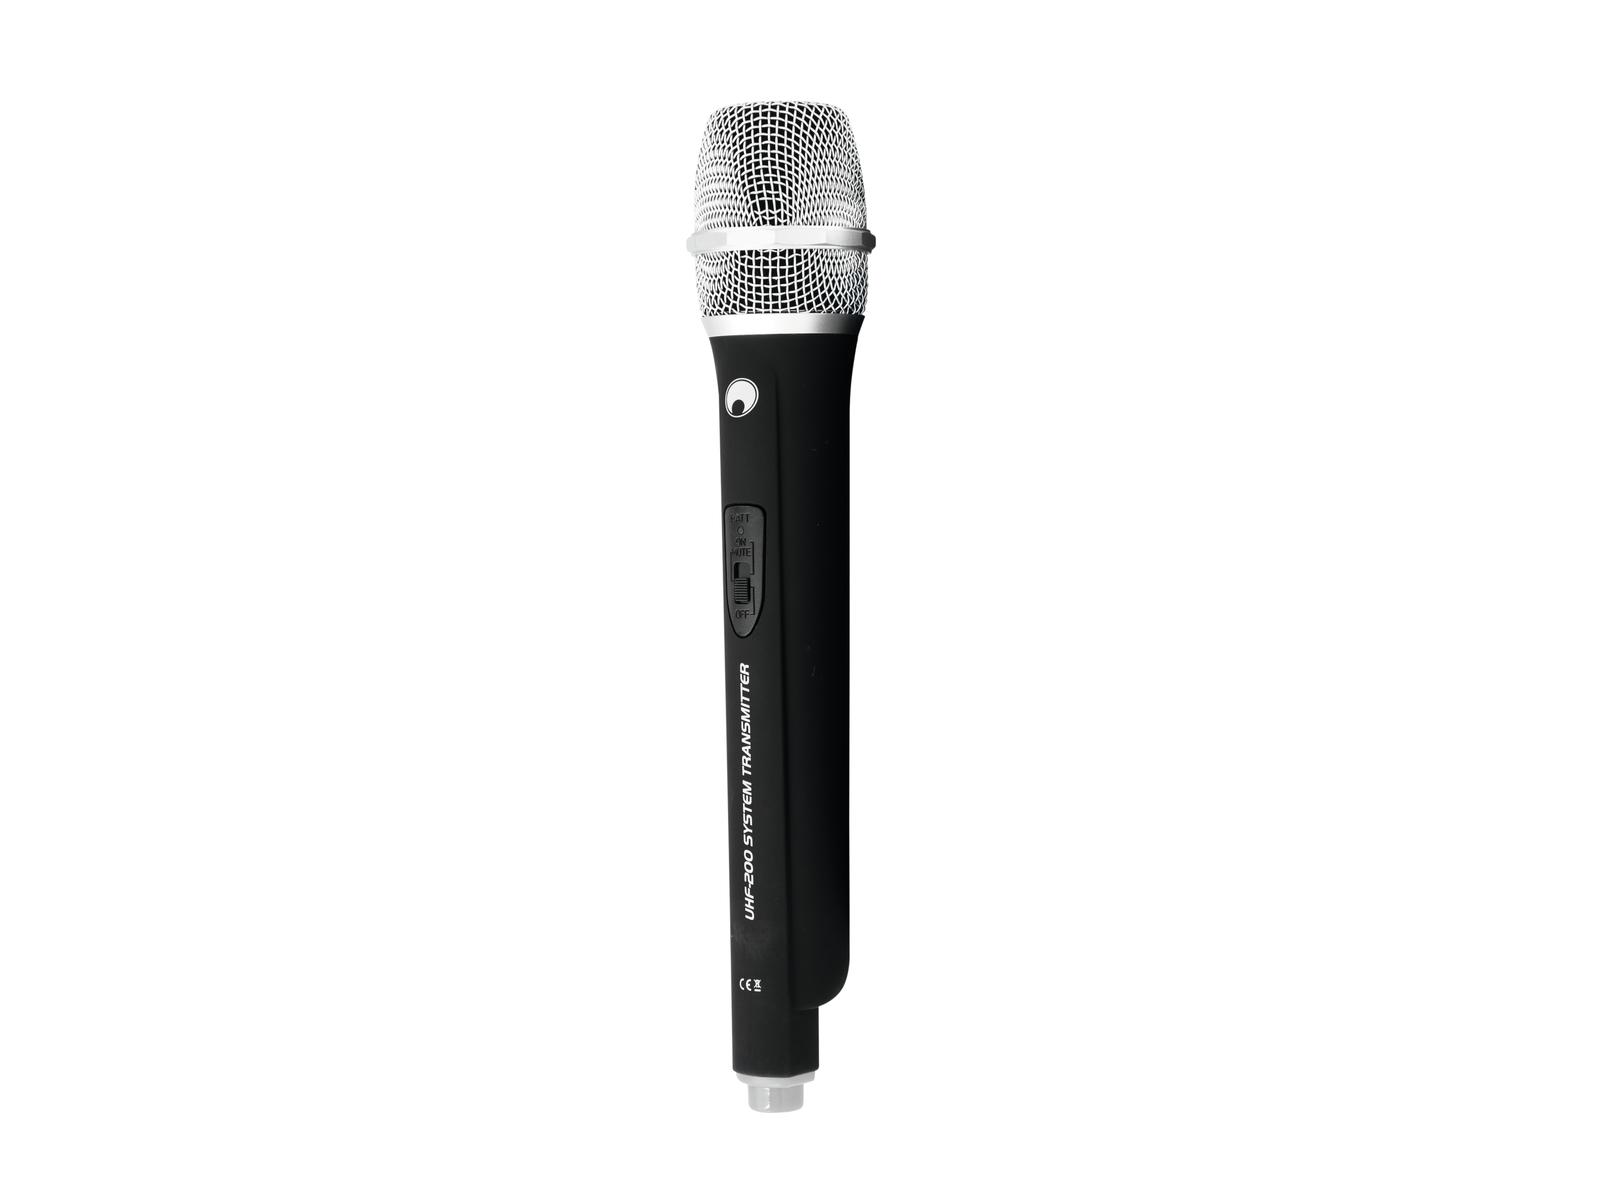 OMNITRONIC Microfono UHF-200 (830.900 MHz) (bianco)